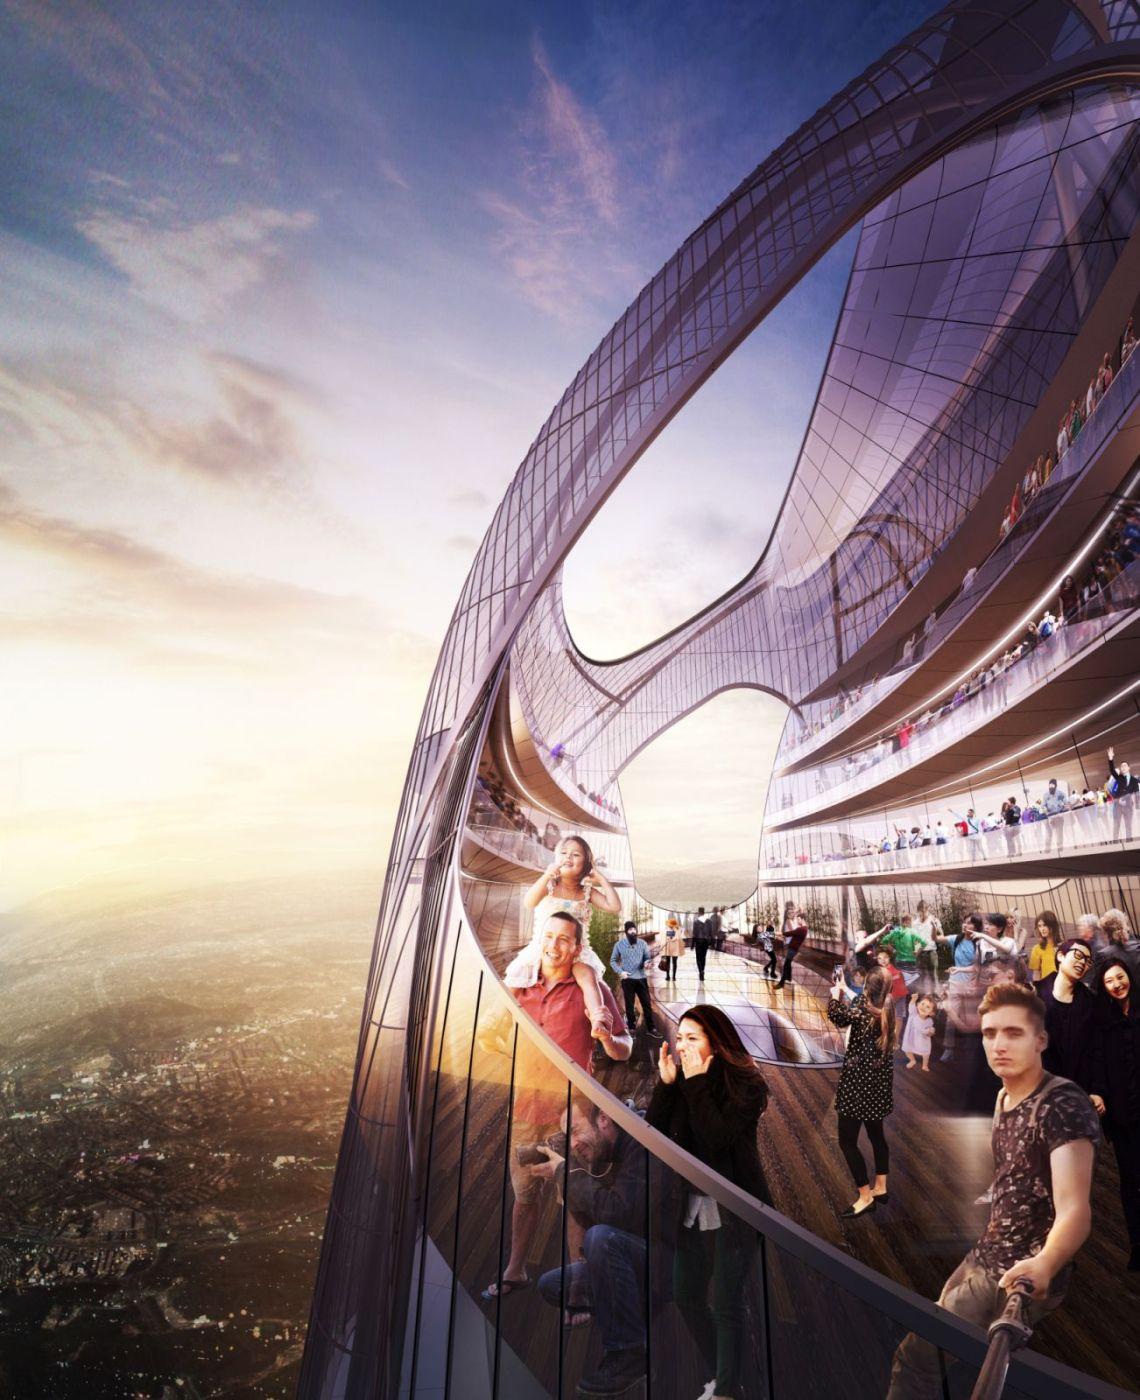 Hong Kong International Center